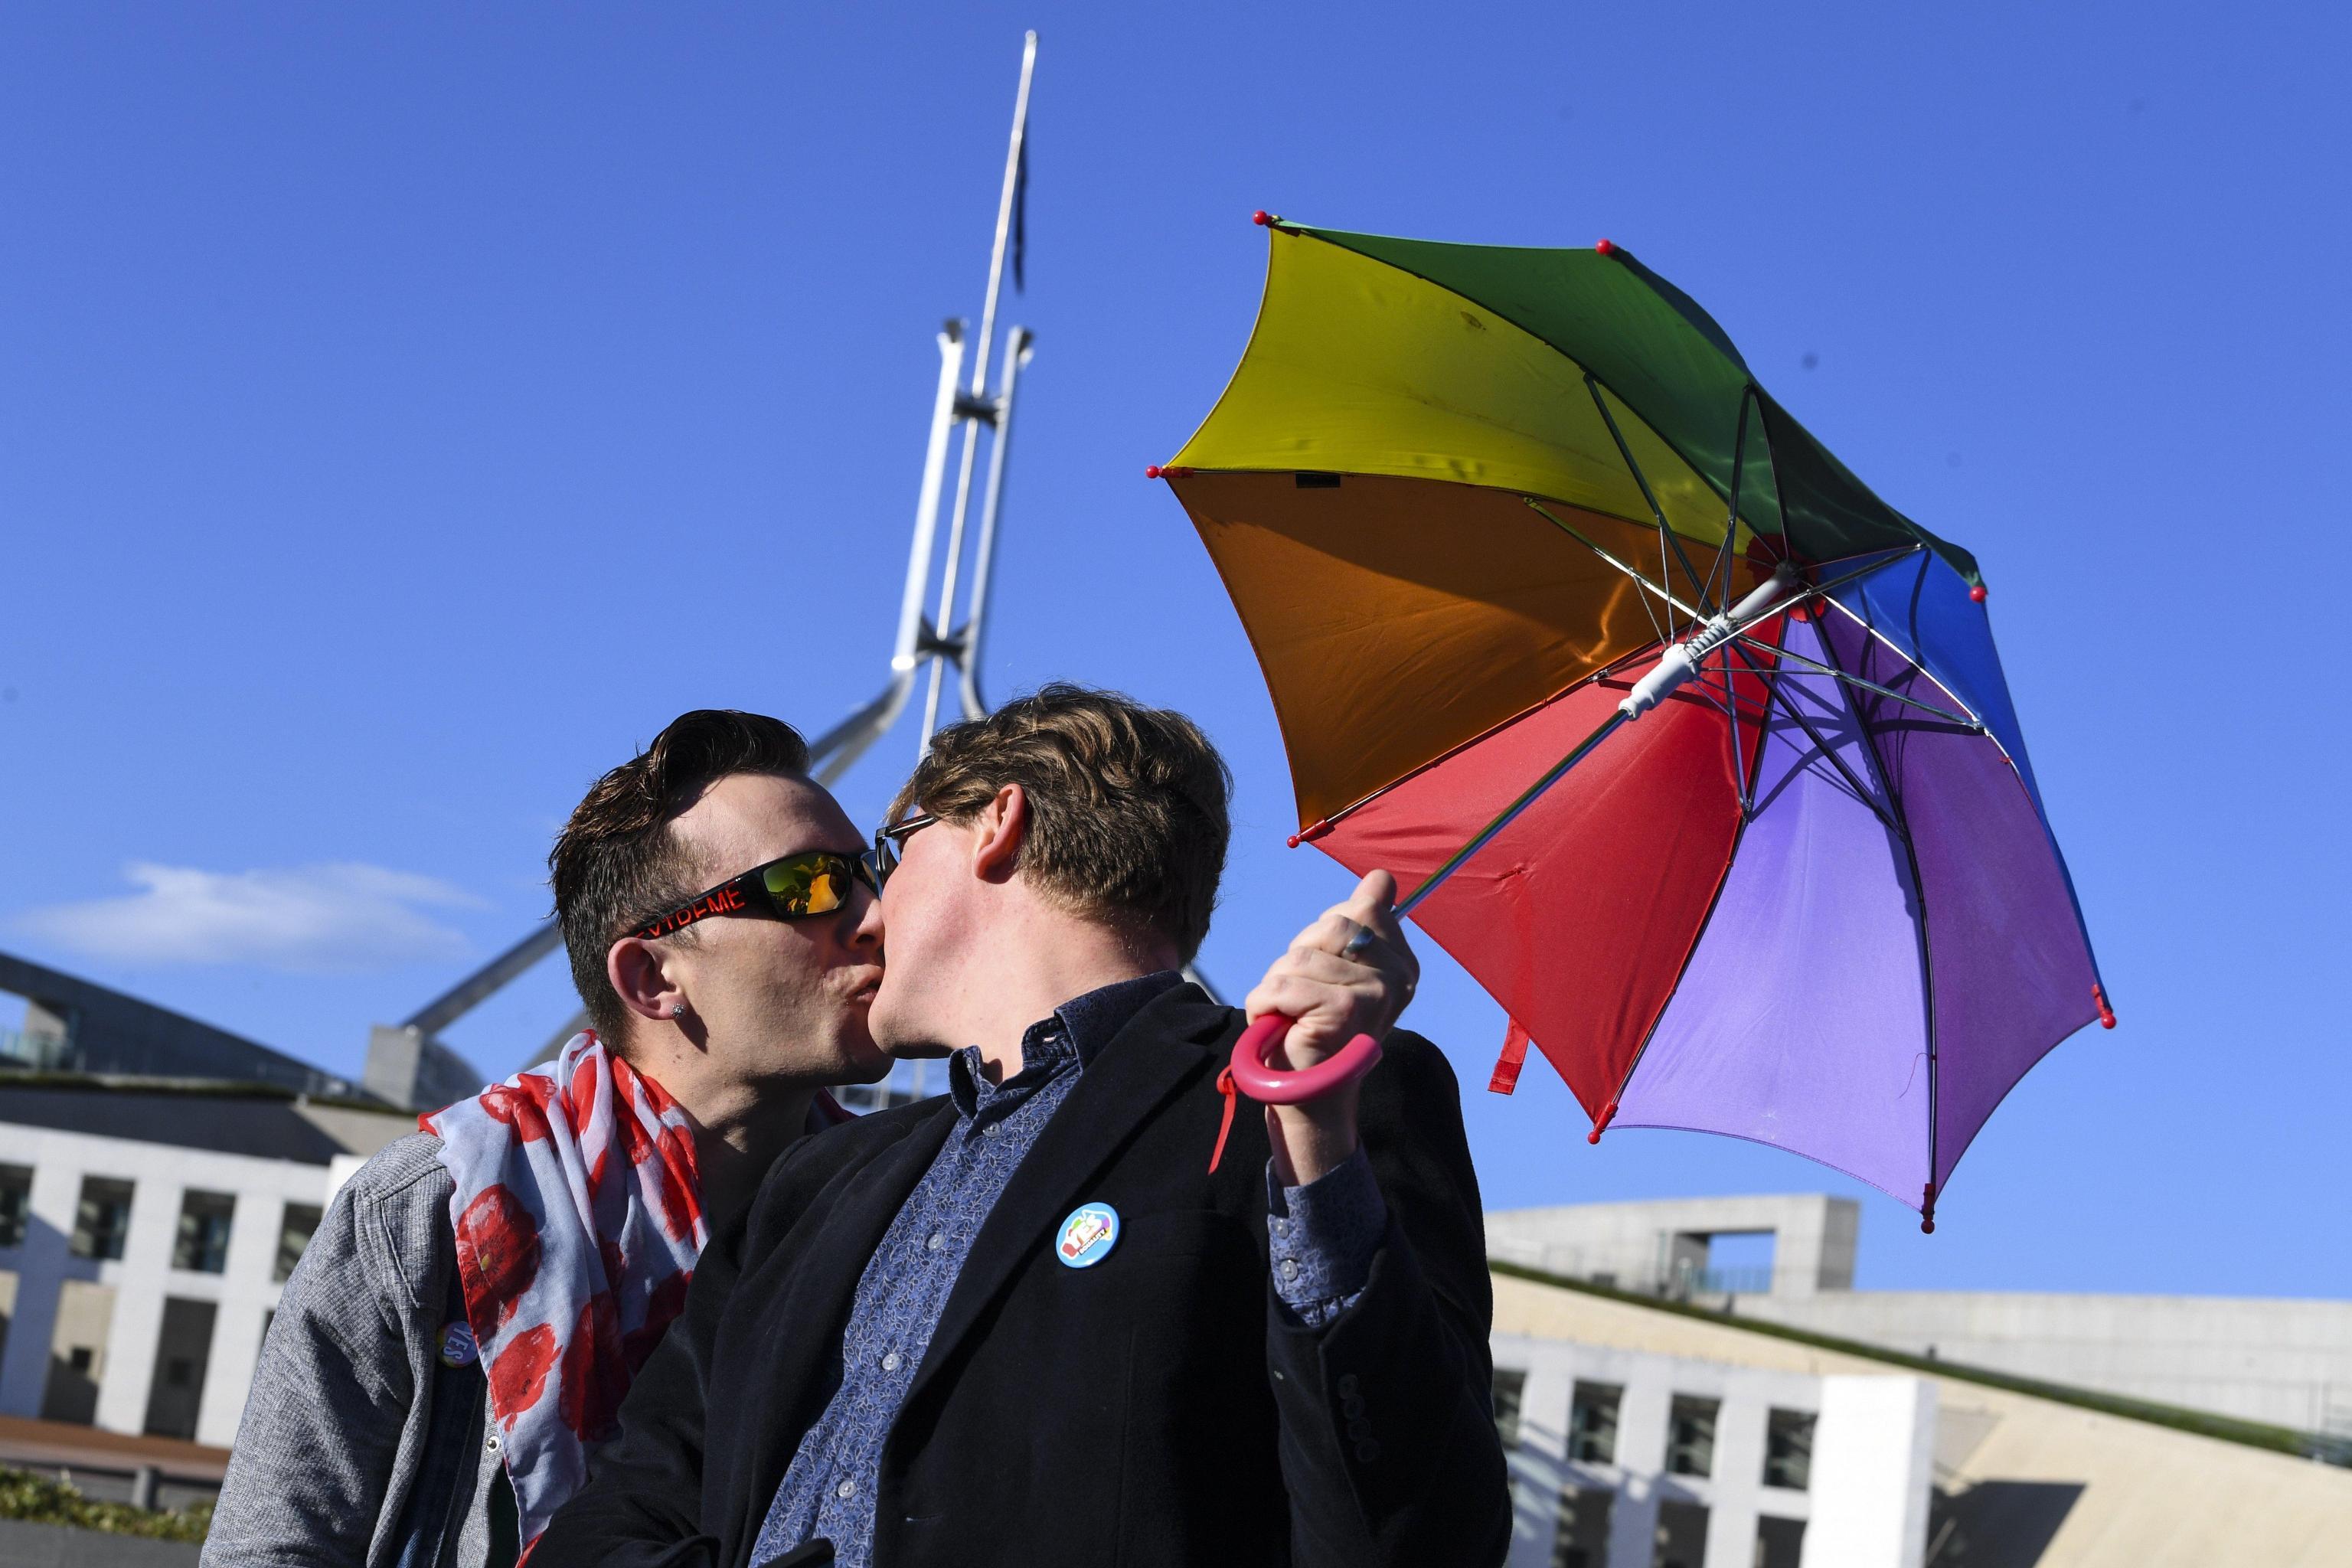 L'Australia riconosce i matrimoni gay